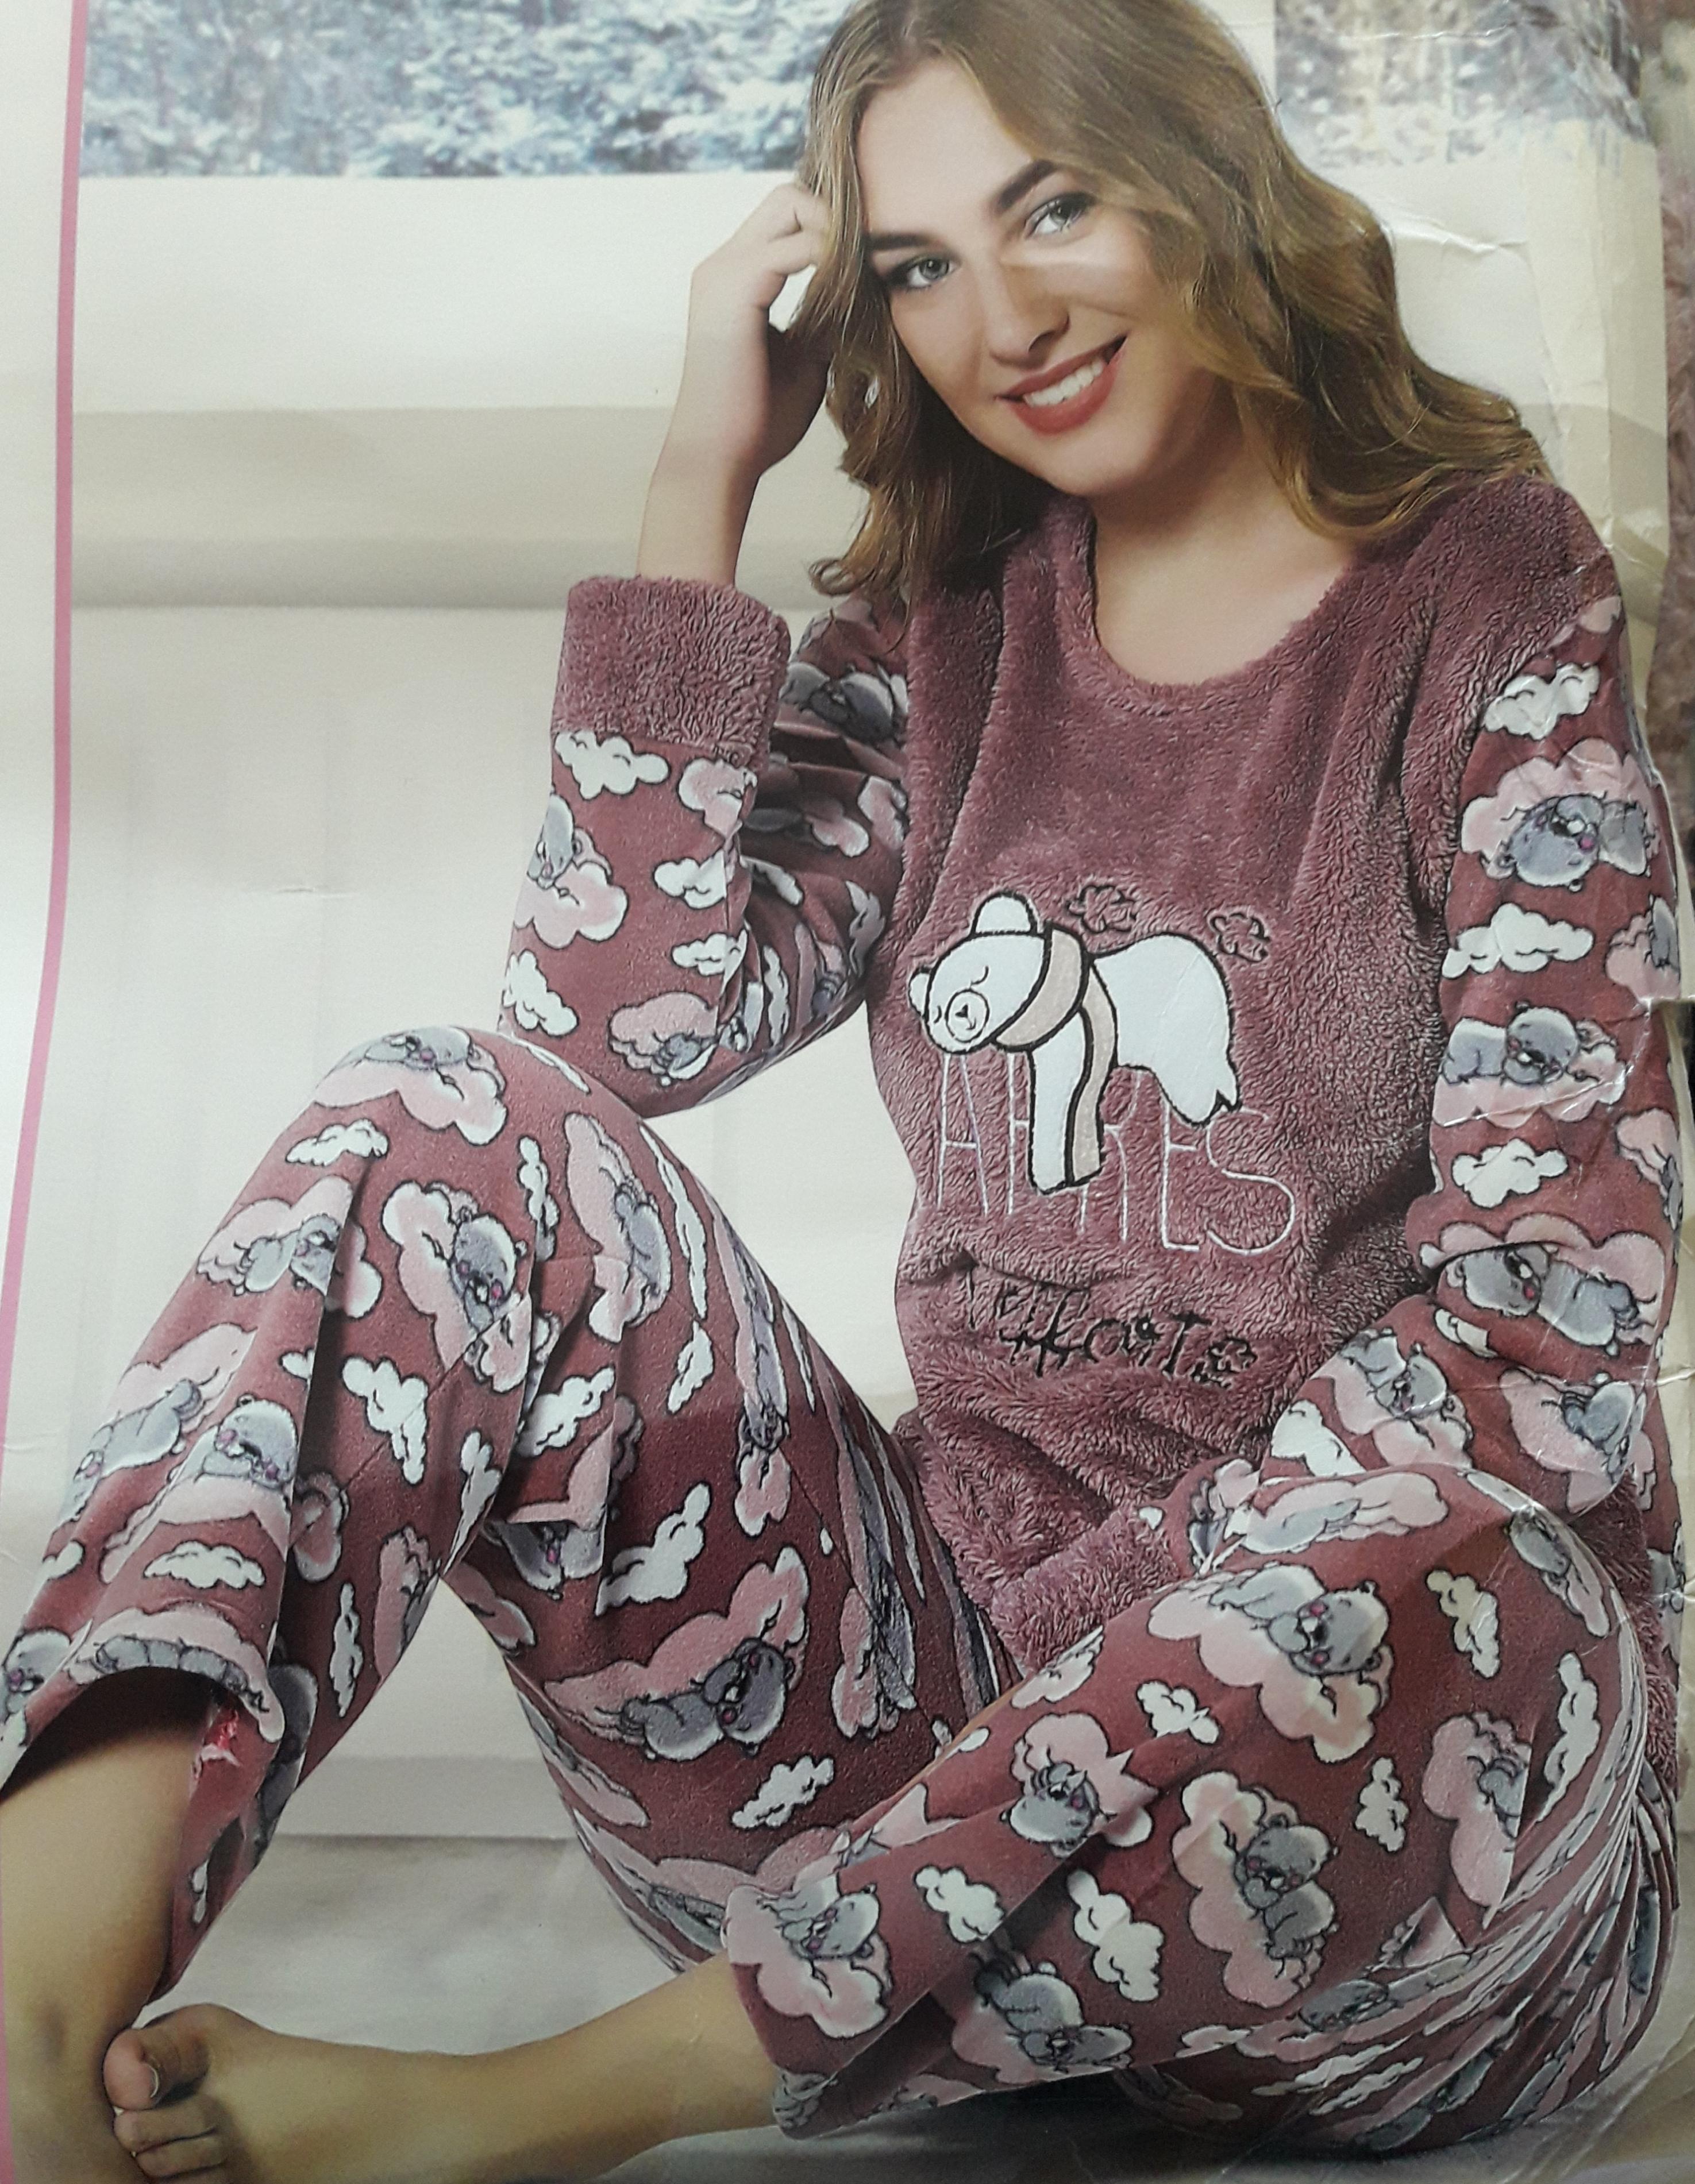 dd221747cafc5 Женская махровая пижама Турция 11301 цена, купить. Женская махровая ...